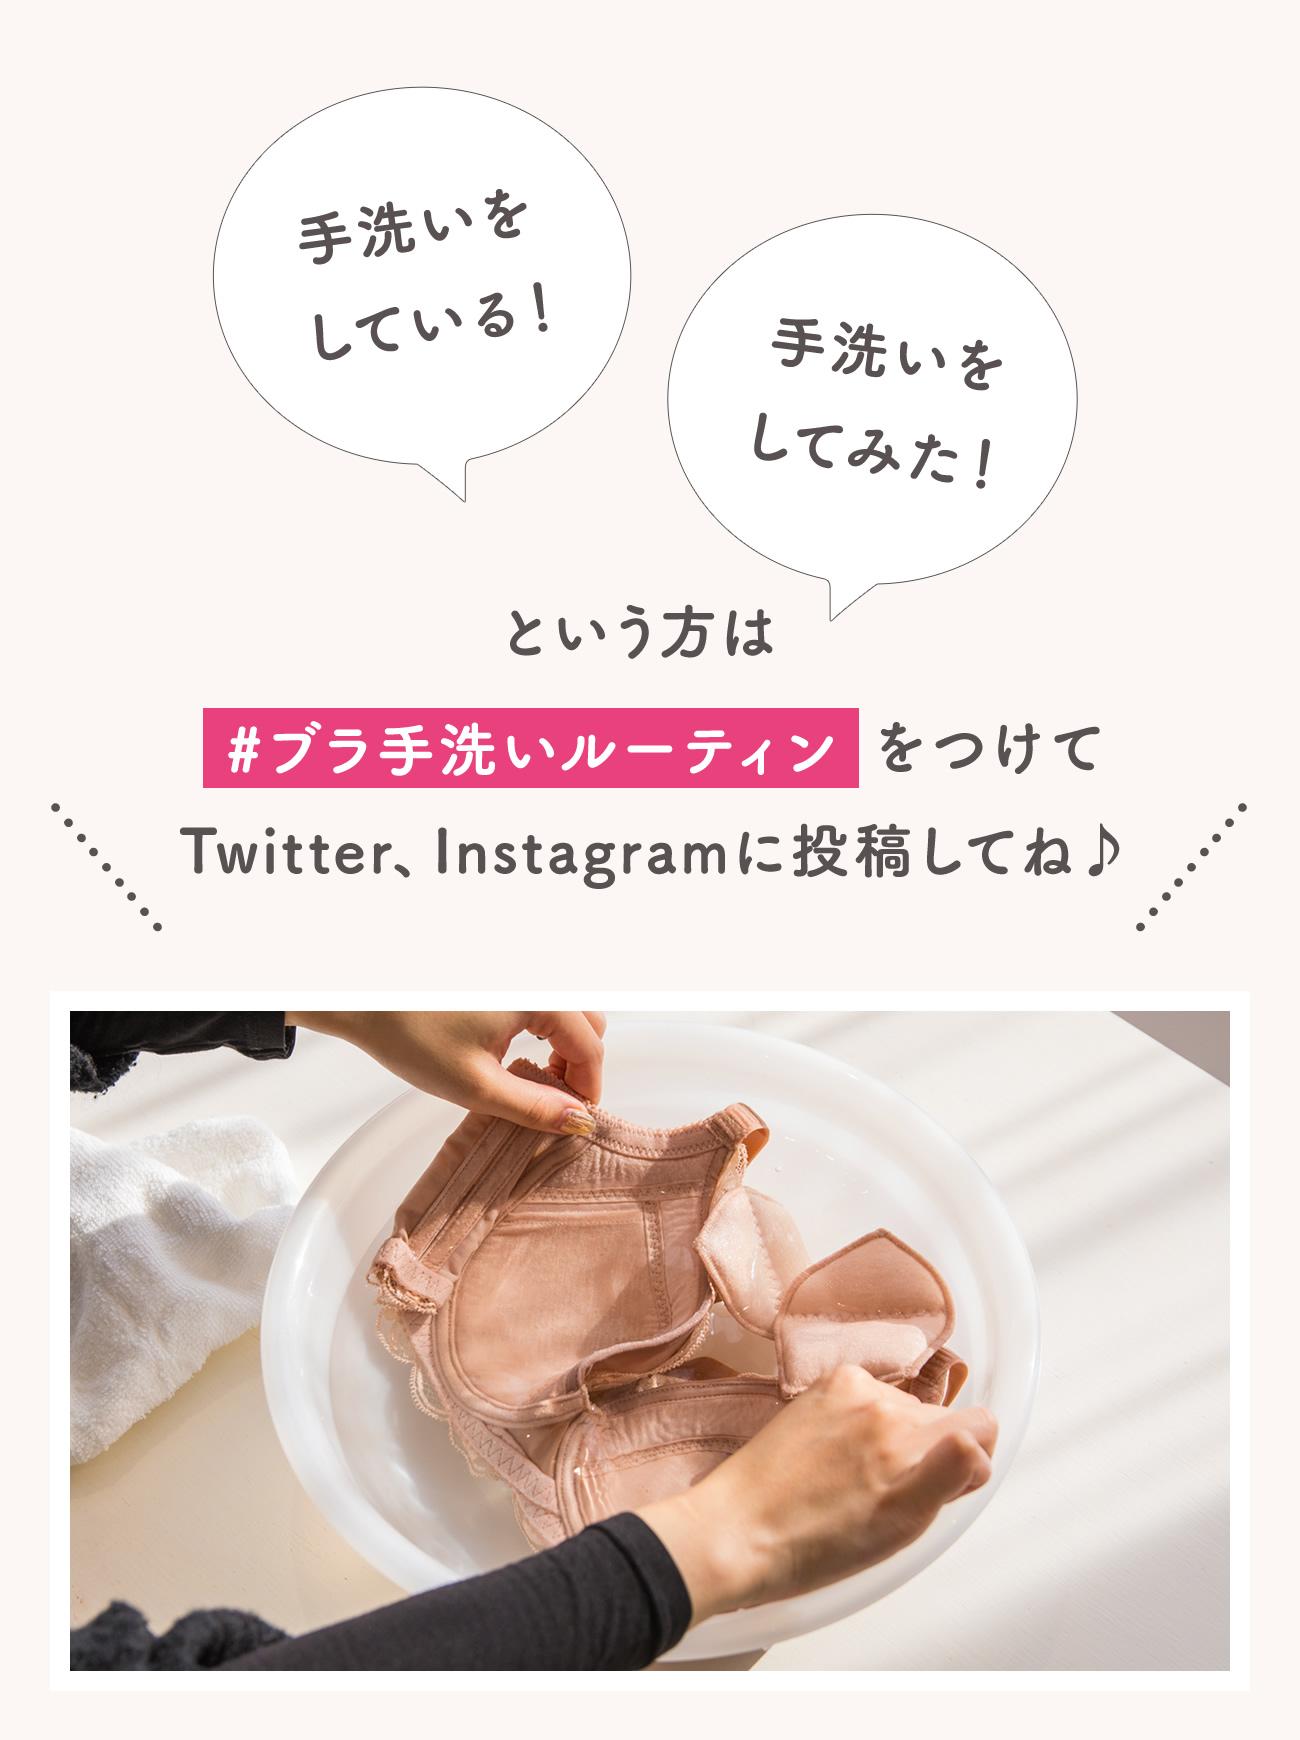 手洗いをしている!手洗いをしてみた!という方は#ブラ手洗いルーティンをつけてTwitter、Instagramに投稿してね♪